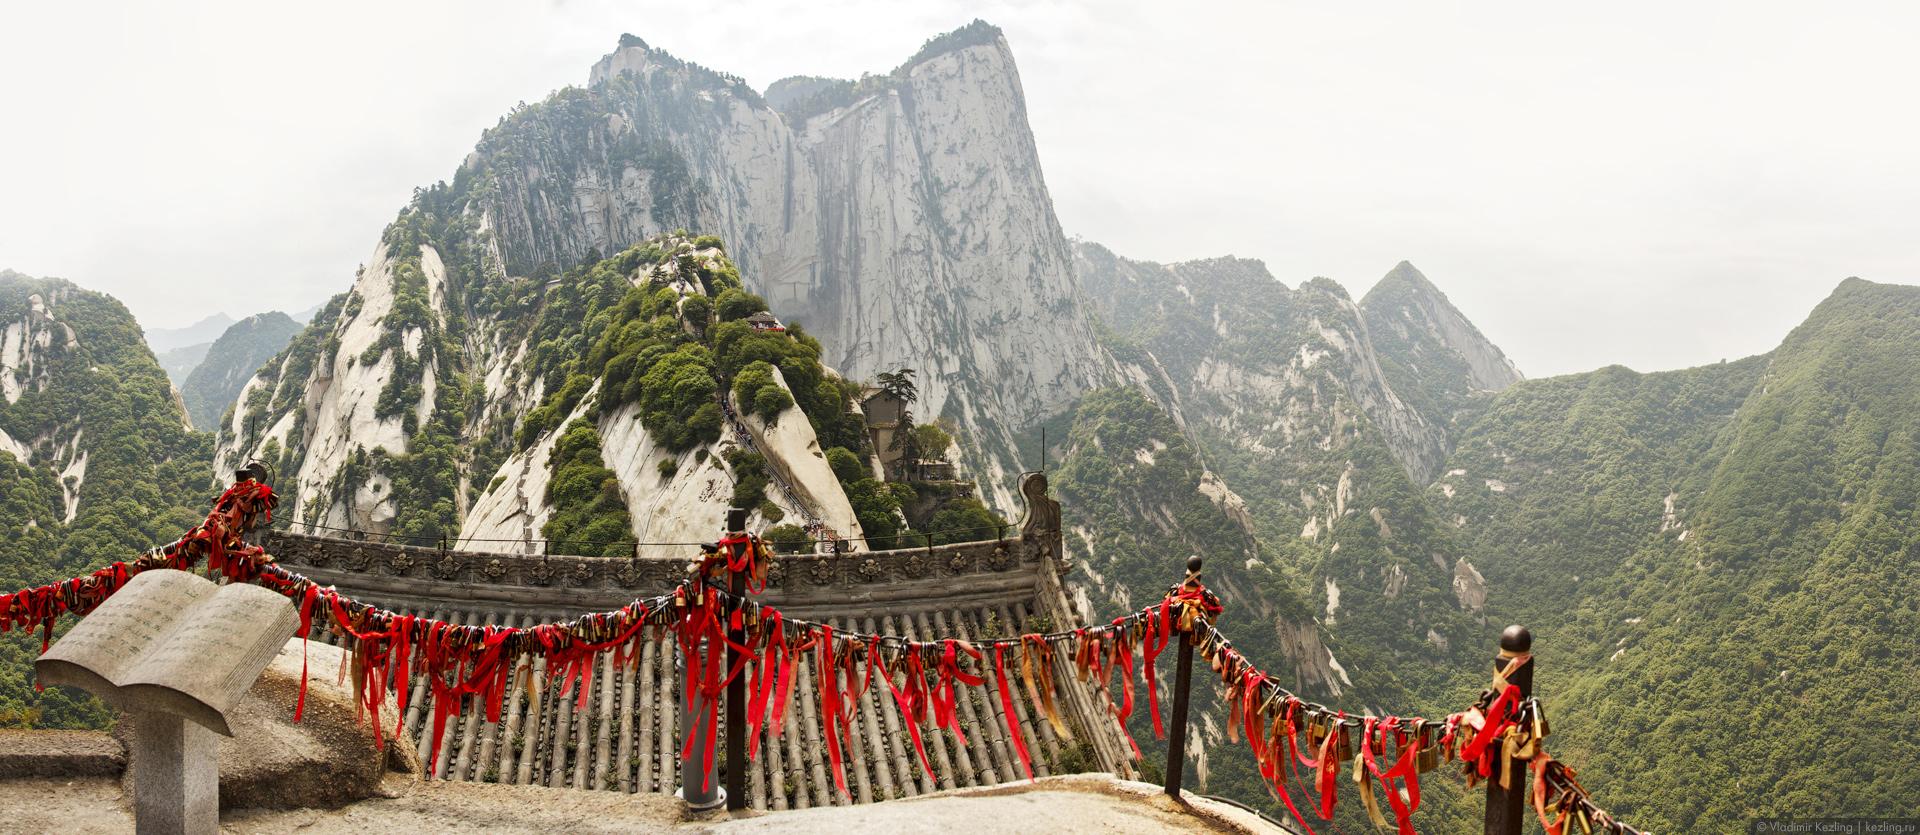 Священная гора Хуашань